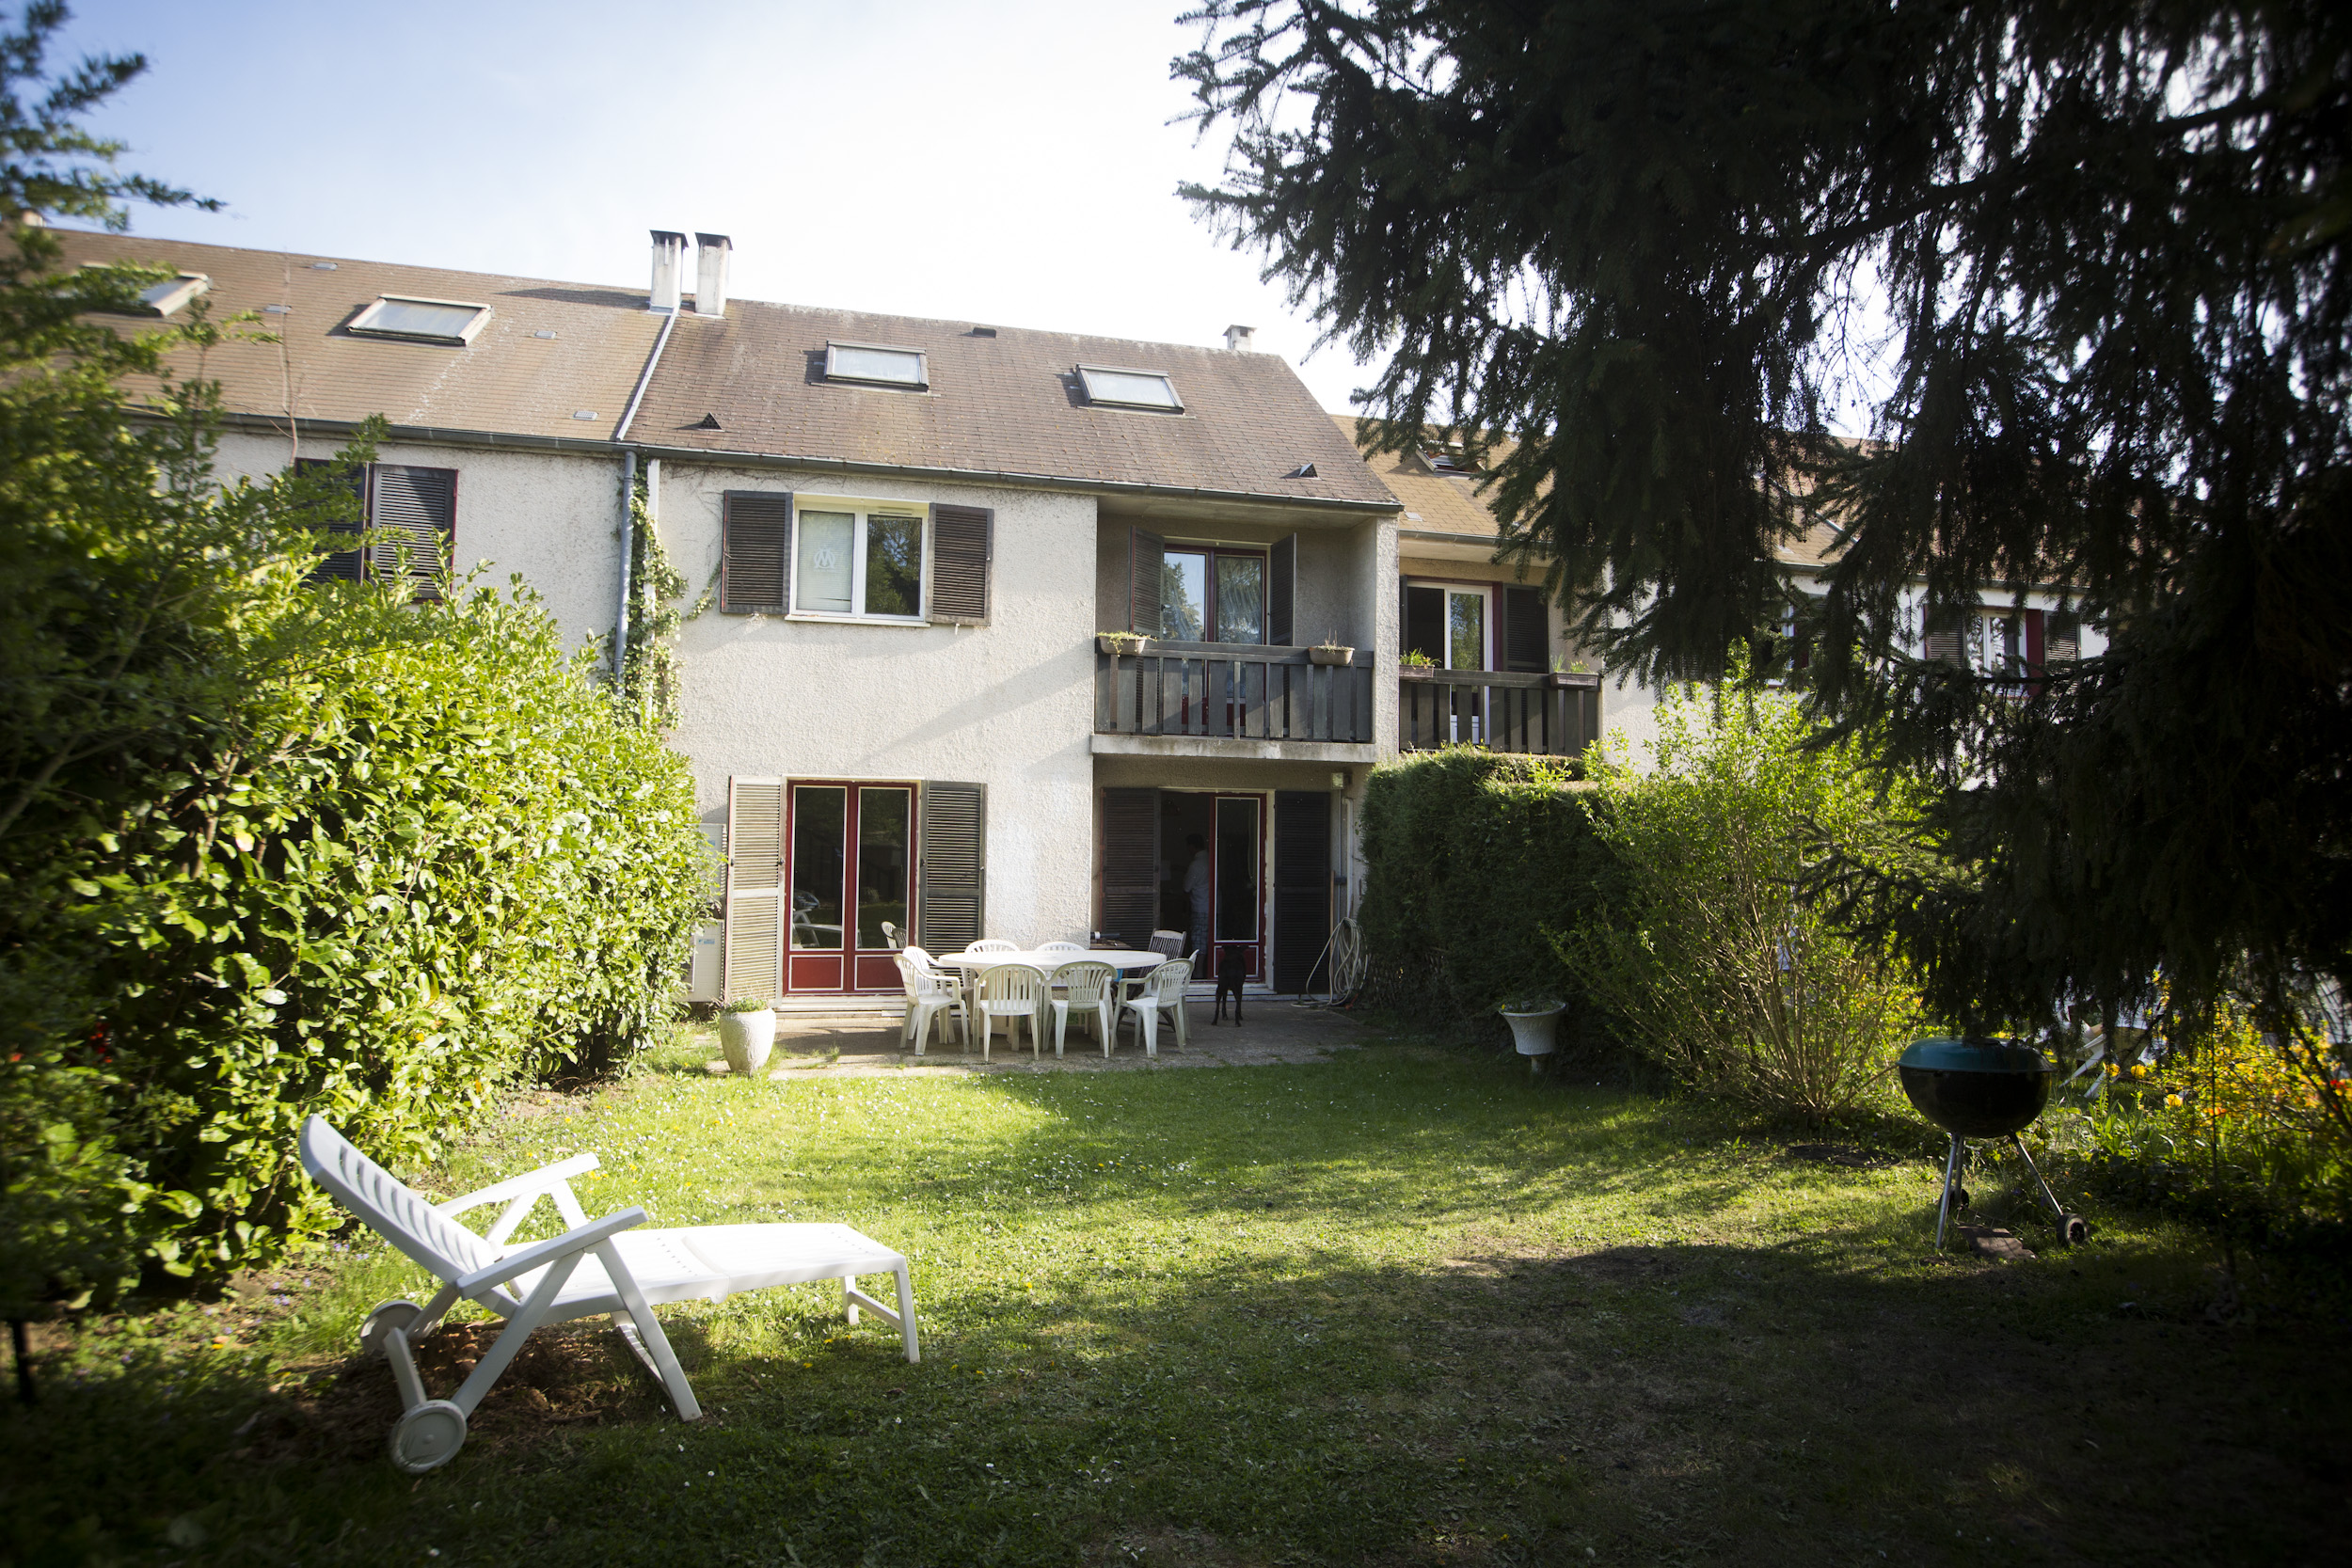 A vendre : Maison de 6 pièces (115 m2) à MAGNY-LES-HAMEAUX (Commune du Parc naturel régional de la Haute Vallée de Chevreuse).